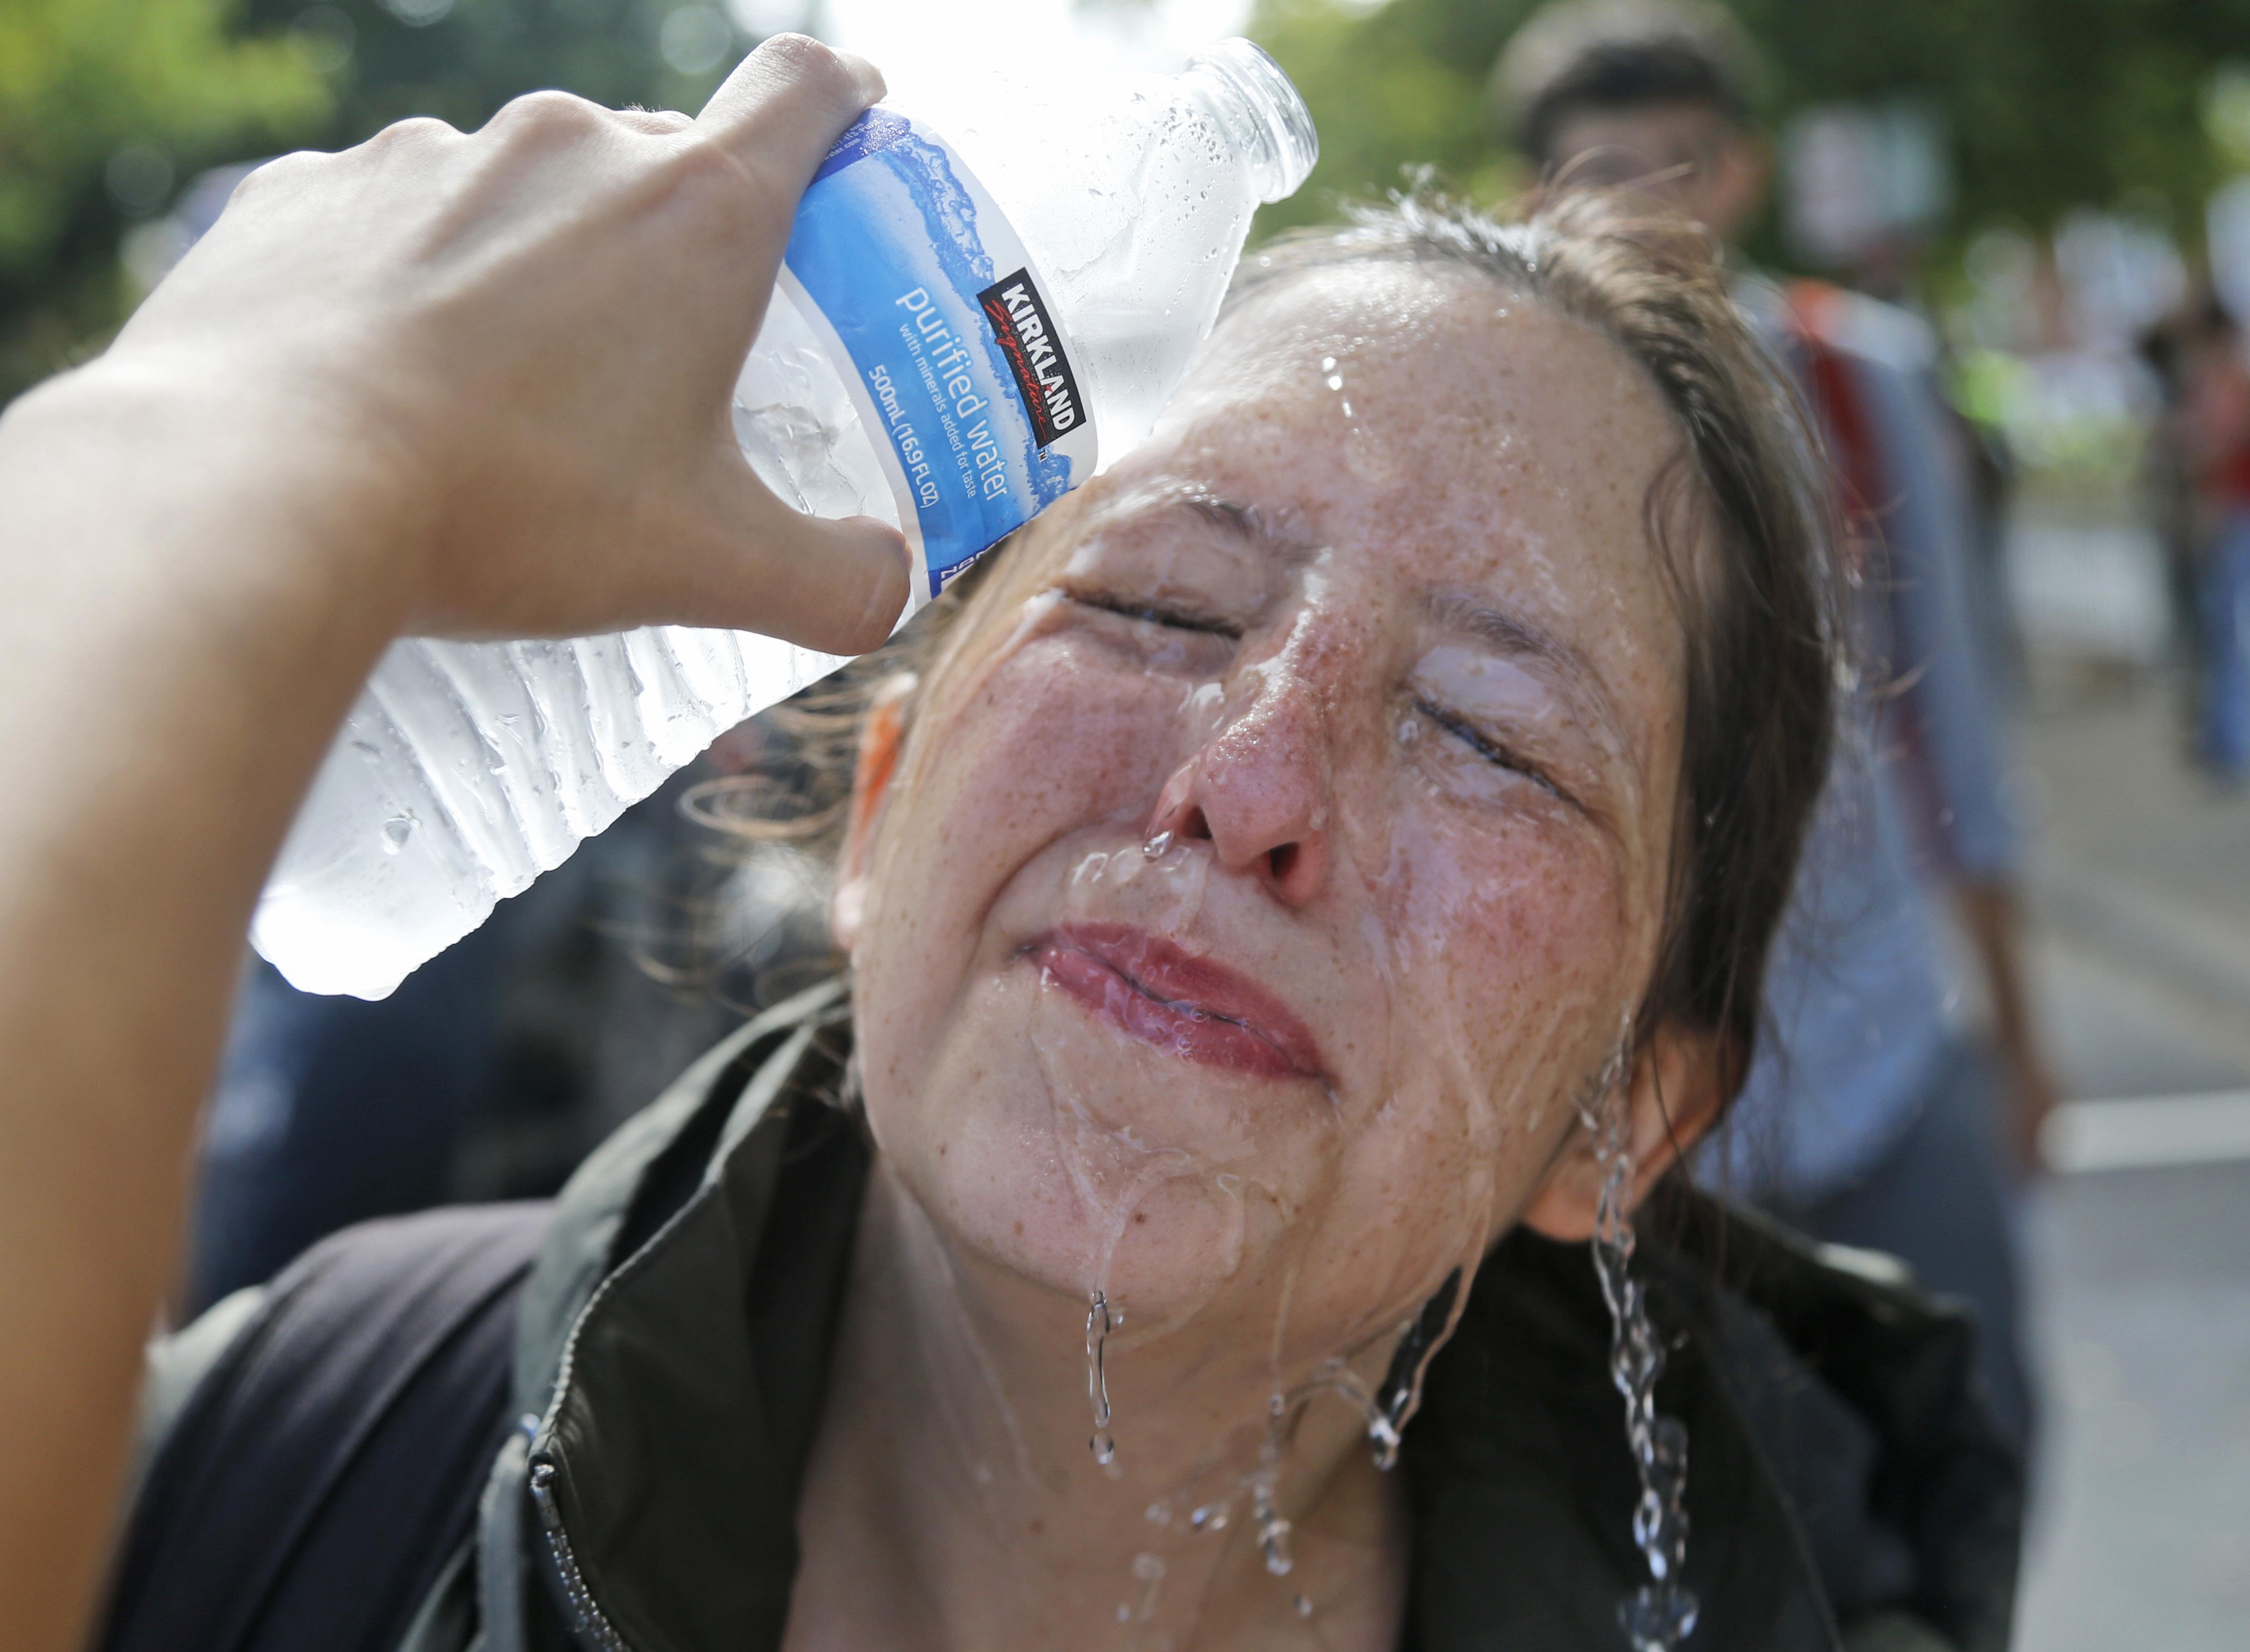 擁護白人至上主義的民眾與反對人士爆發流血衝突,圖為一名反對人士遭胡椒噴劑攻擊到雙眼後,潑水處理傷口。(美聯社)